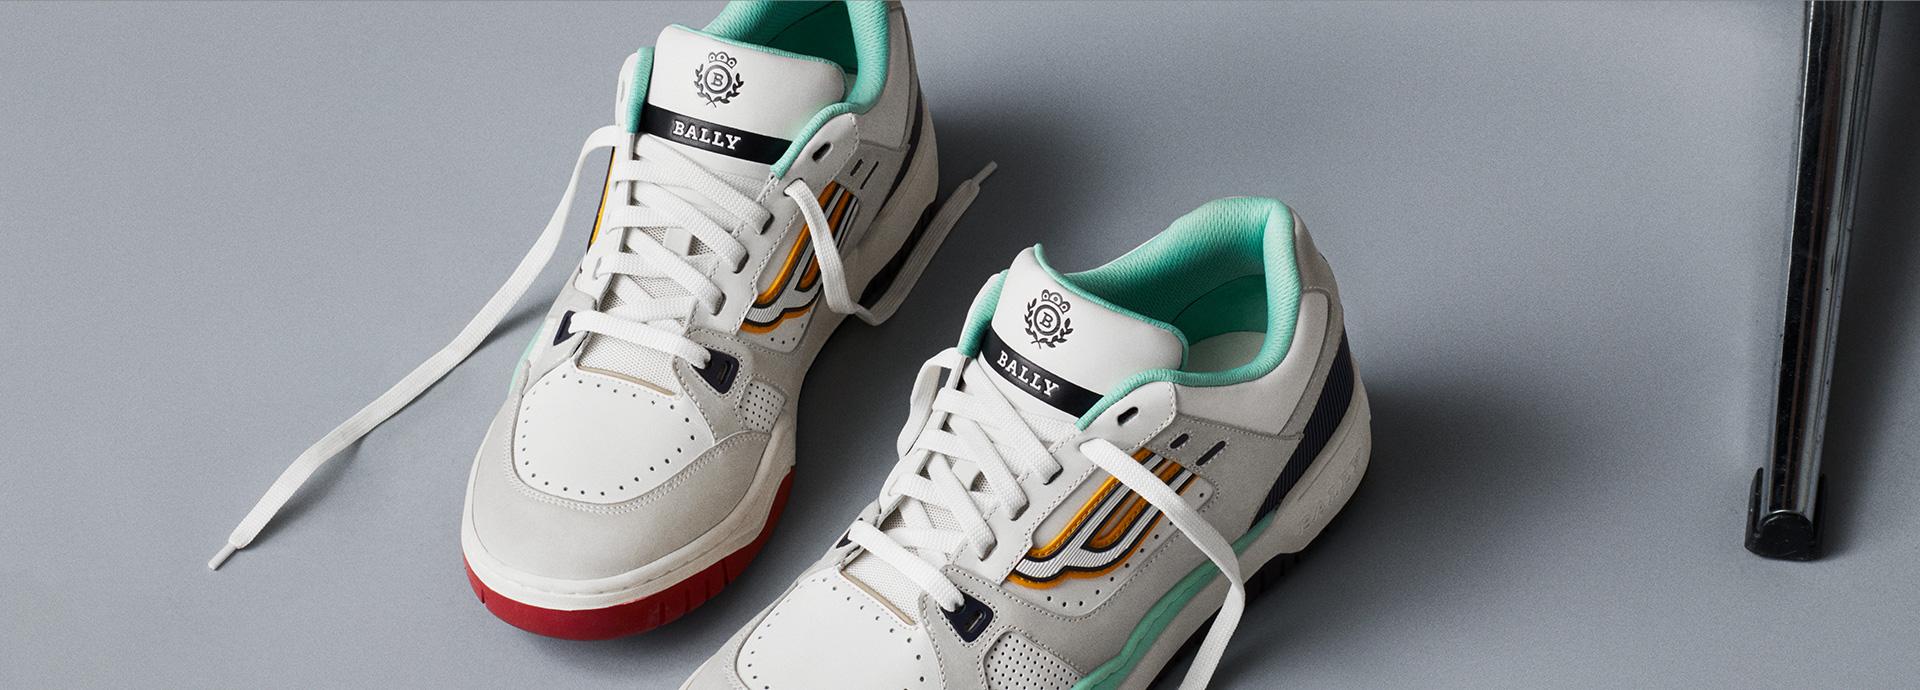 29bd29d17a4 Champion sneakers | Men's & Women's shoes | Bally